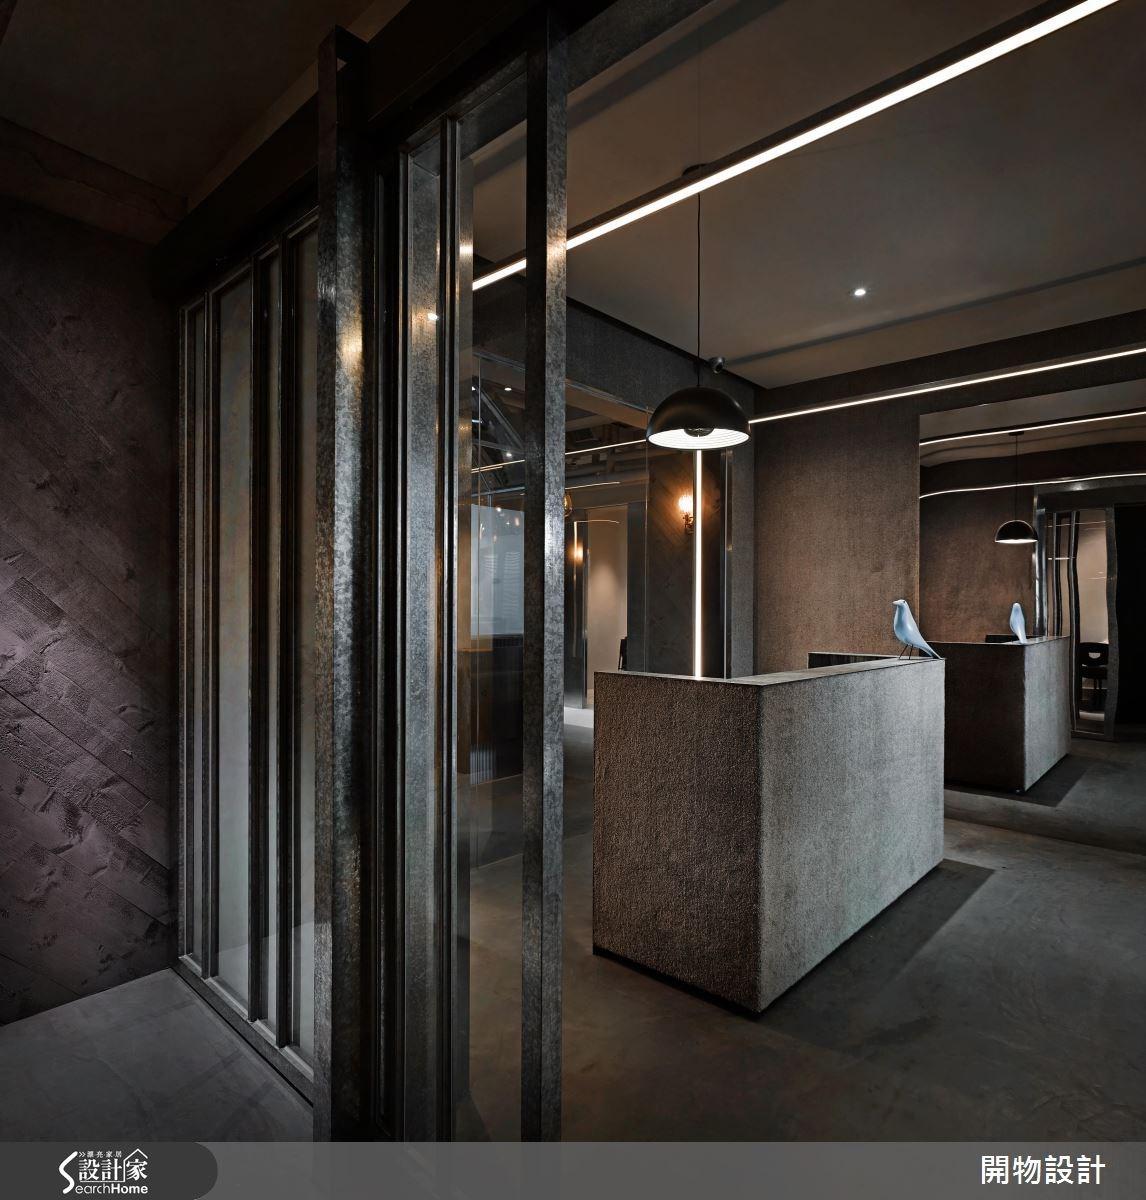 70坪老屋(16~30年)_混搭風商業空間案例圖片_開物設計_開物_25之2